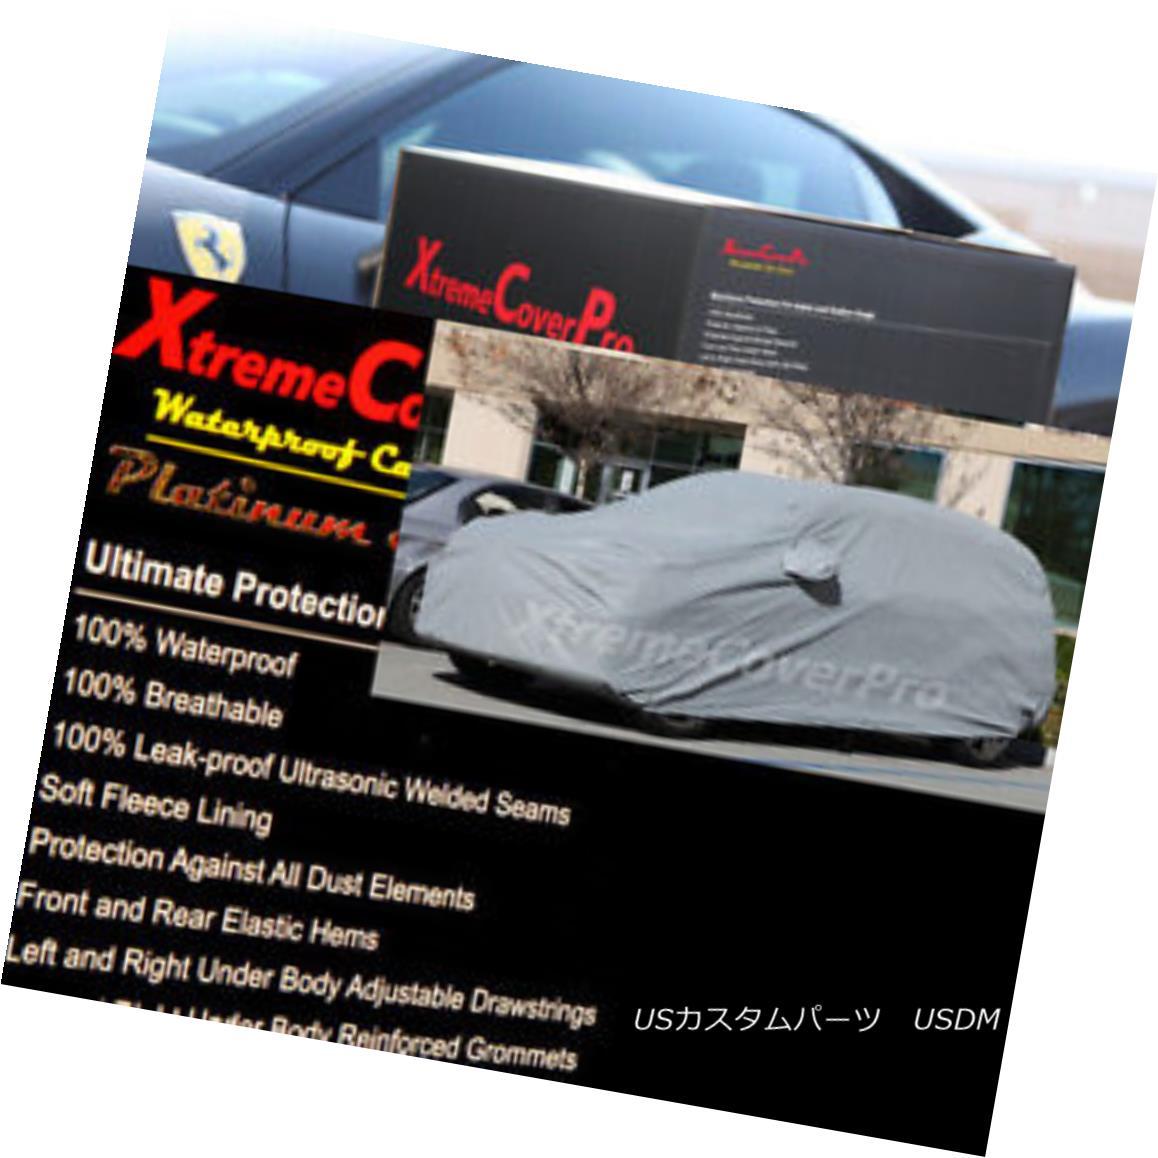 カーカバー 2015 FORD EXPEDITION SWB non-EL Waterproof Car Cover w/Mirror Pockets - Gray 2015 FORD EXPEDITION SWB非EL防水カーカバー(ミラーポケット付) - グレー